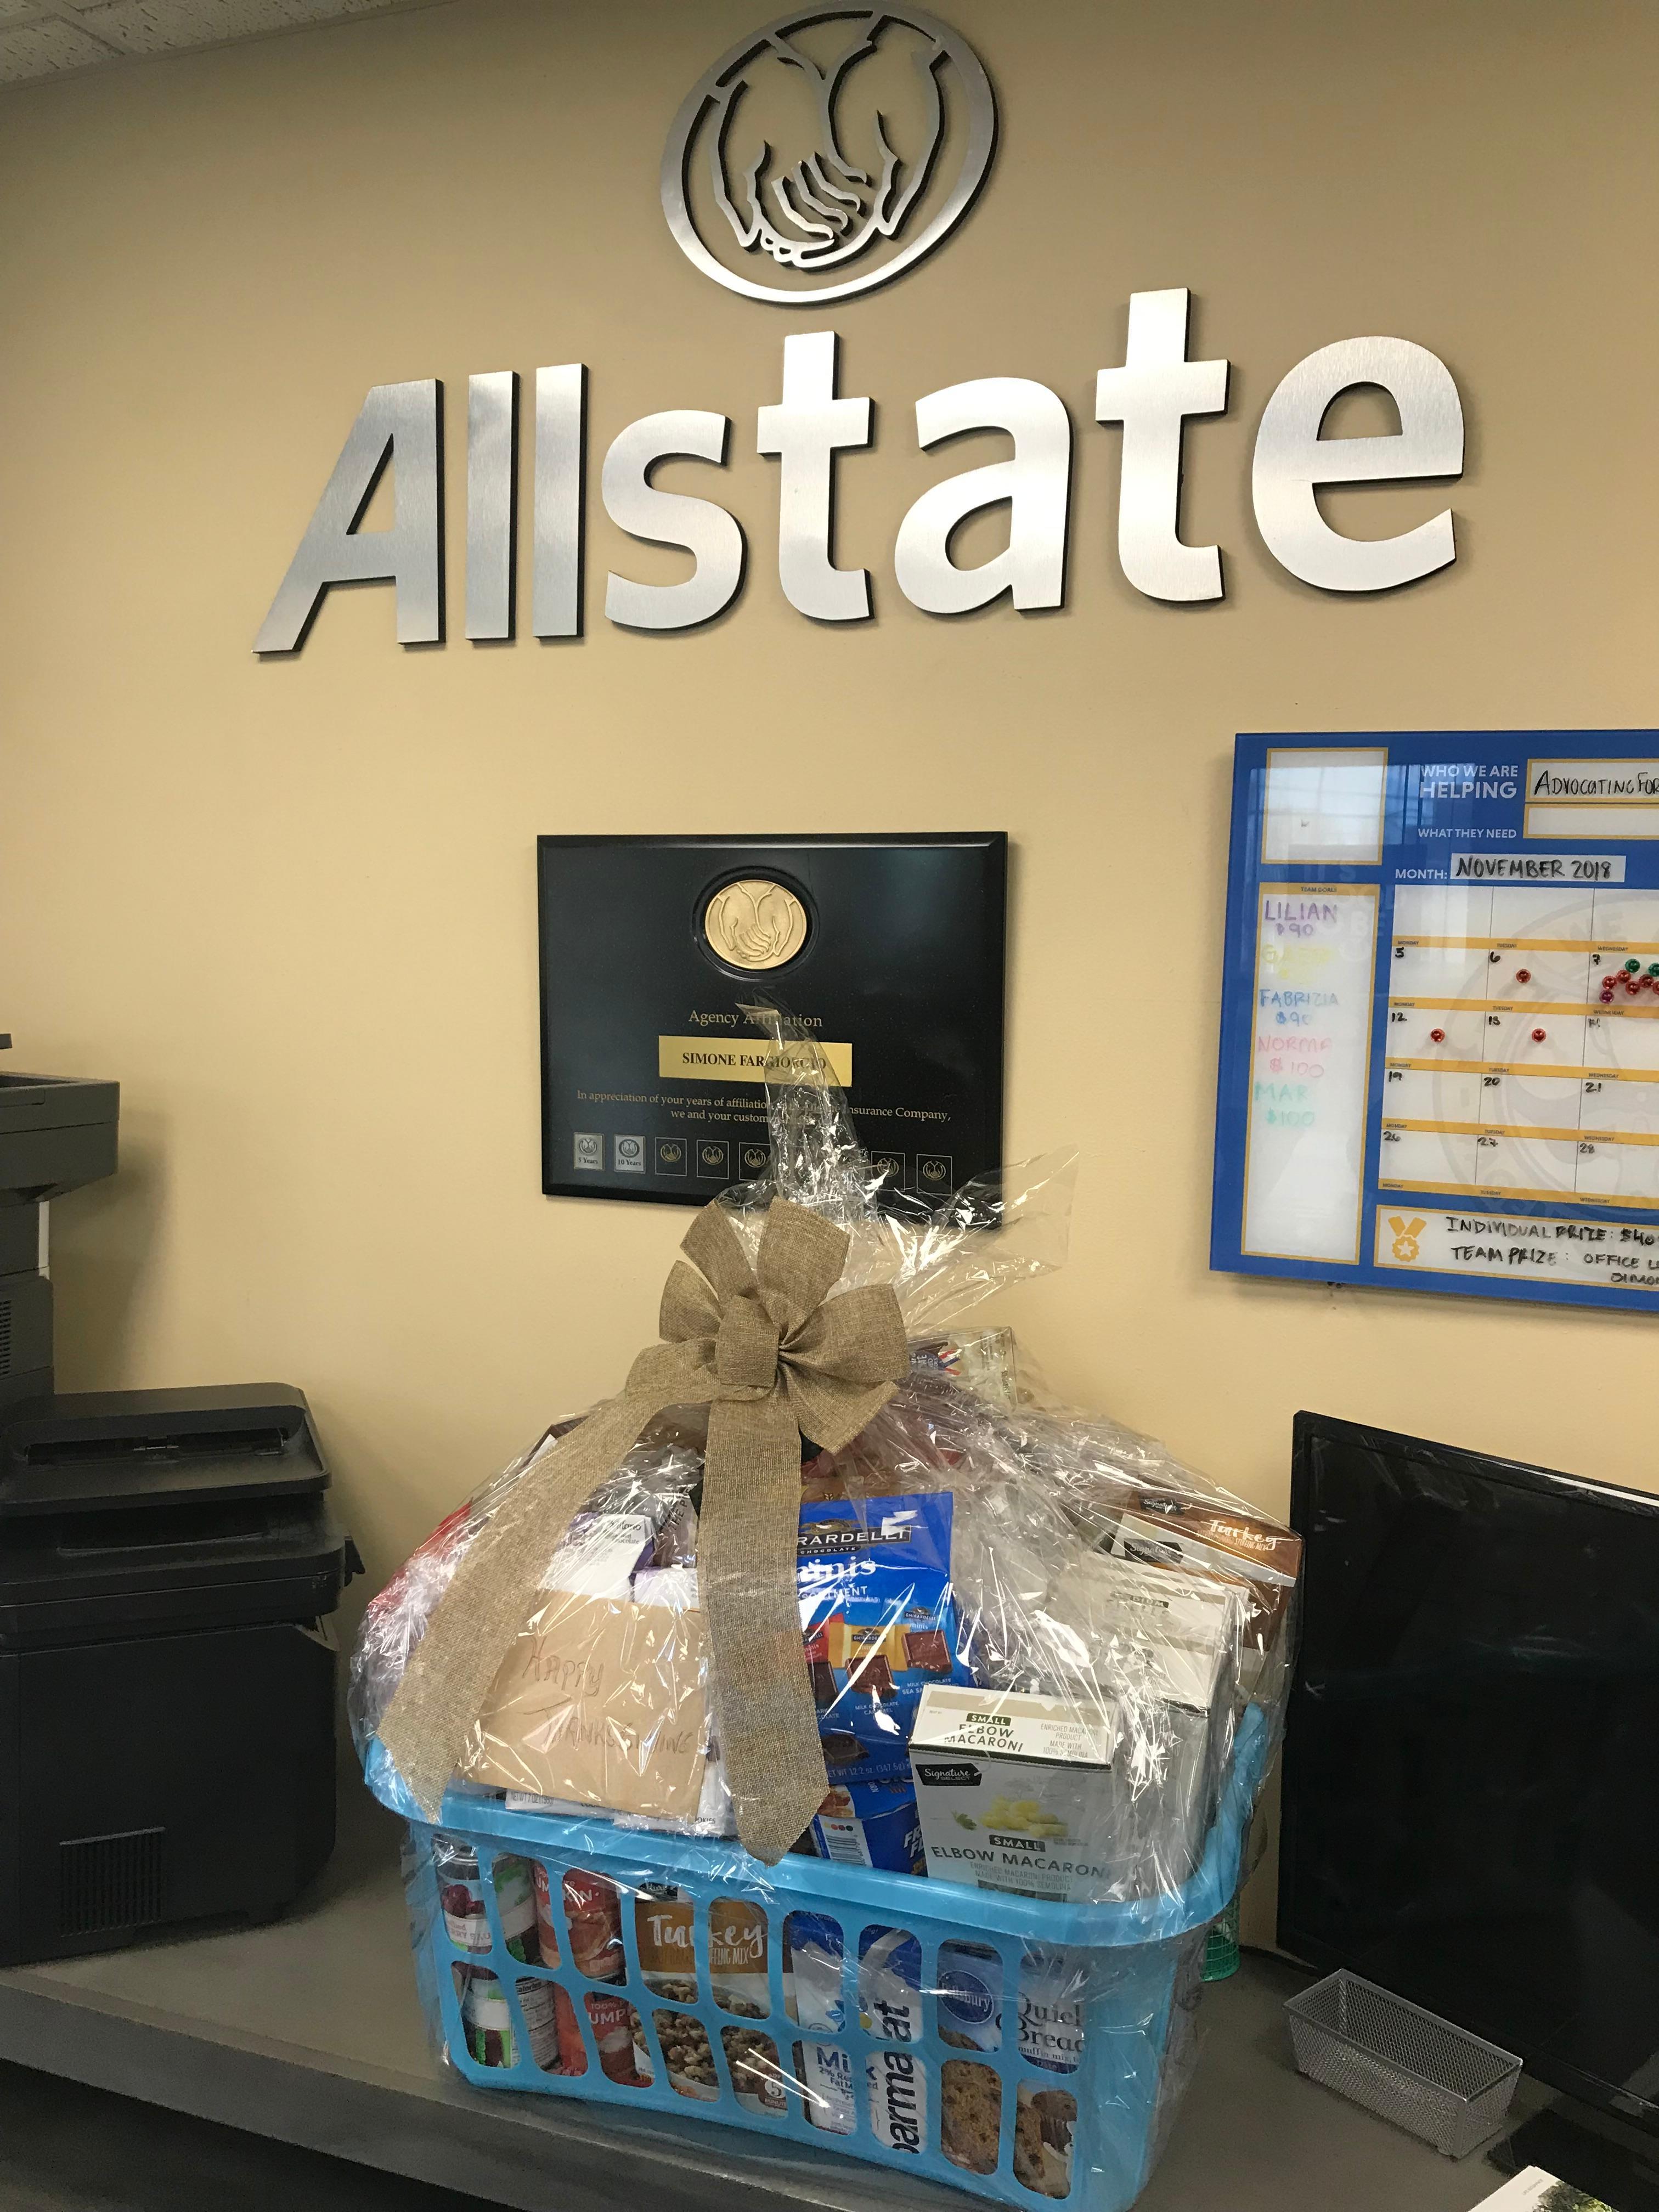 Simone Fargiorgio: Allstate Insurance image 5